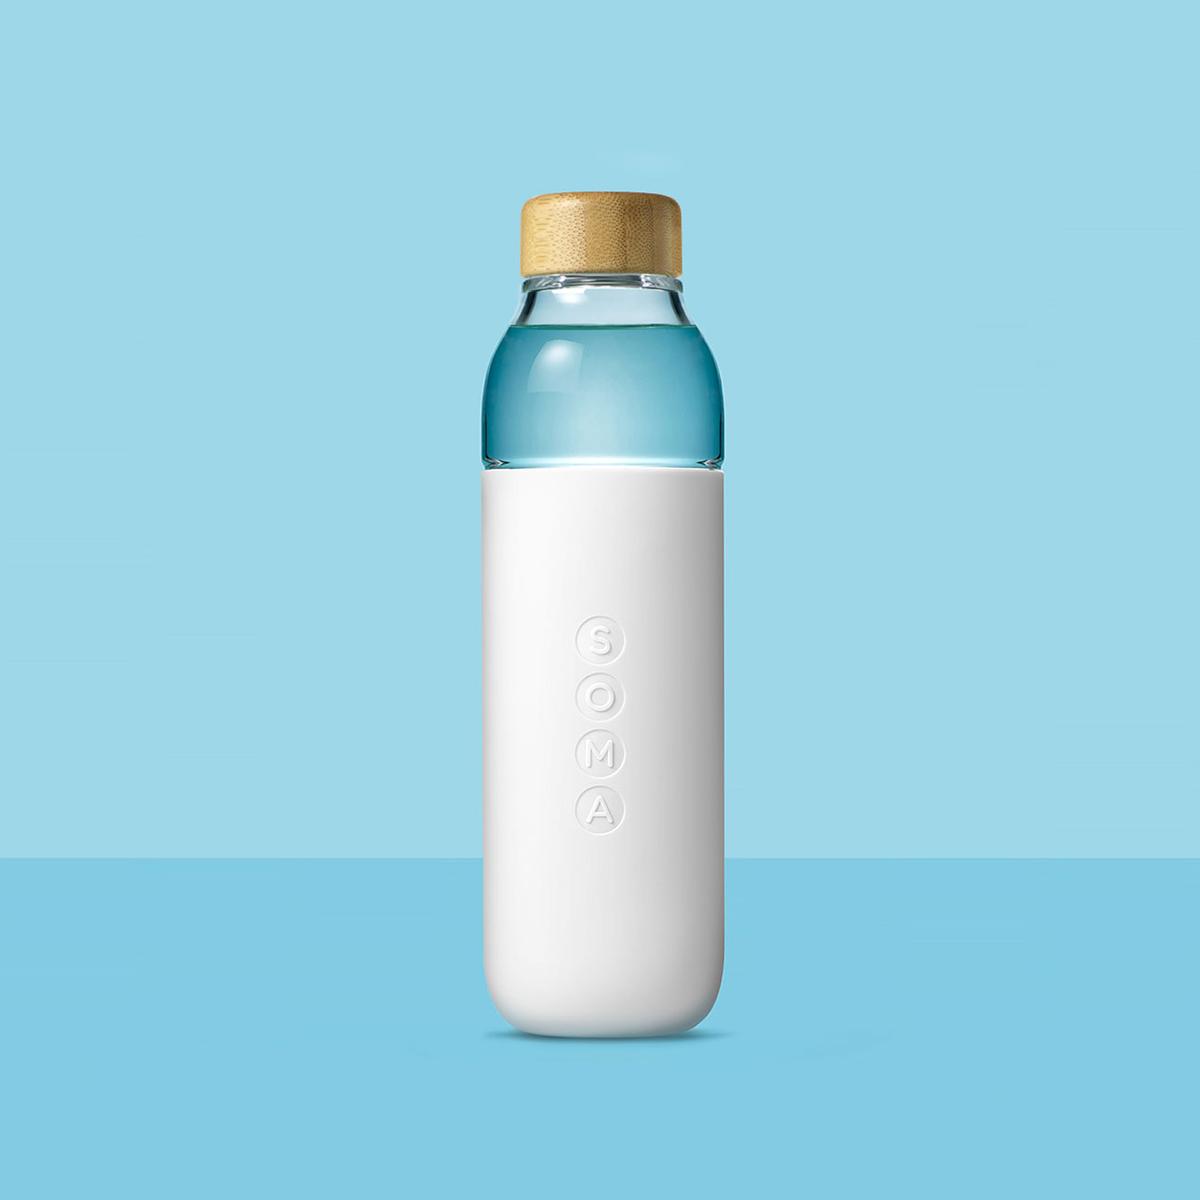 Gl Water Bottle